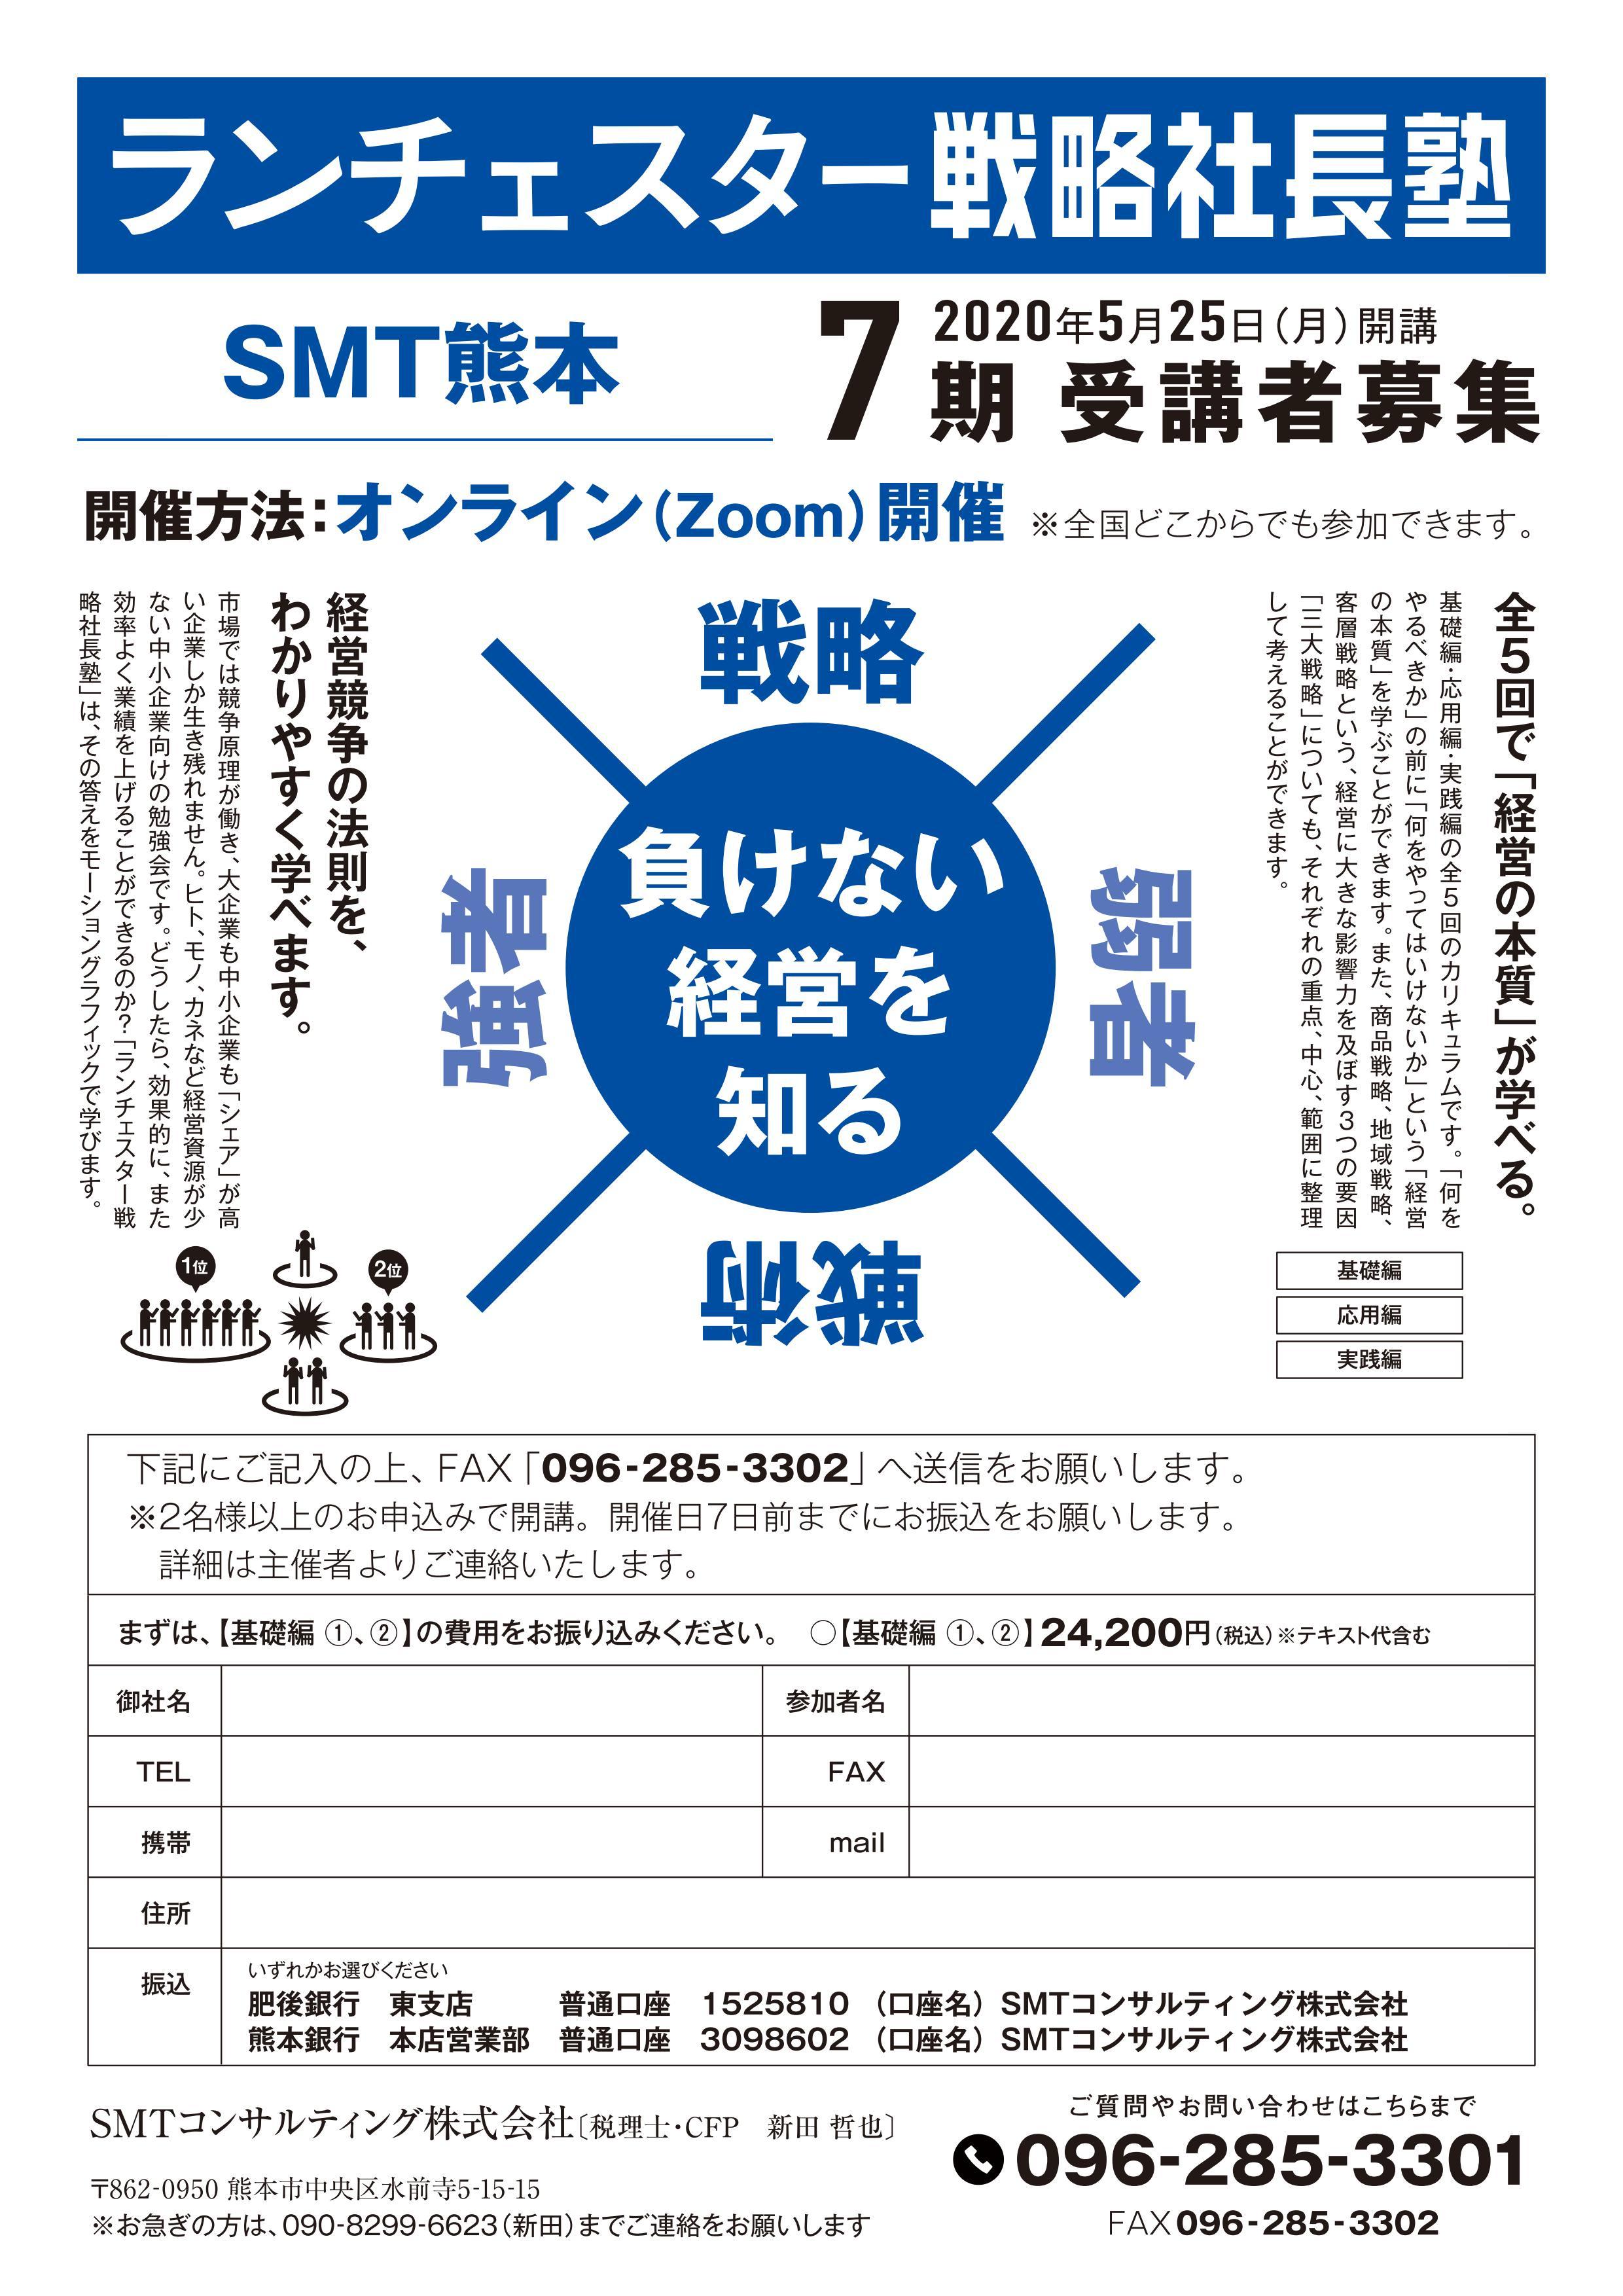 戦略社長塾_SMT熊本_第7期_C_01.jpg